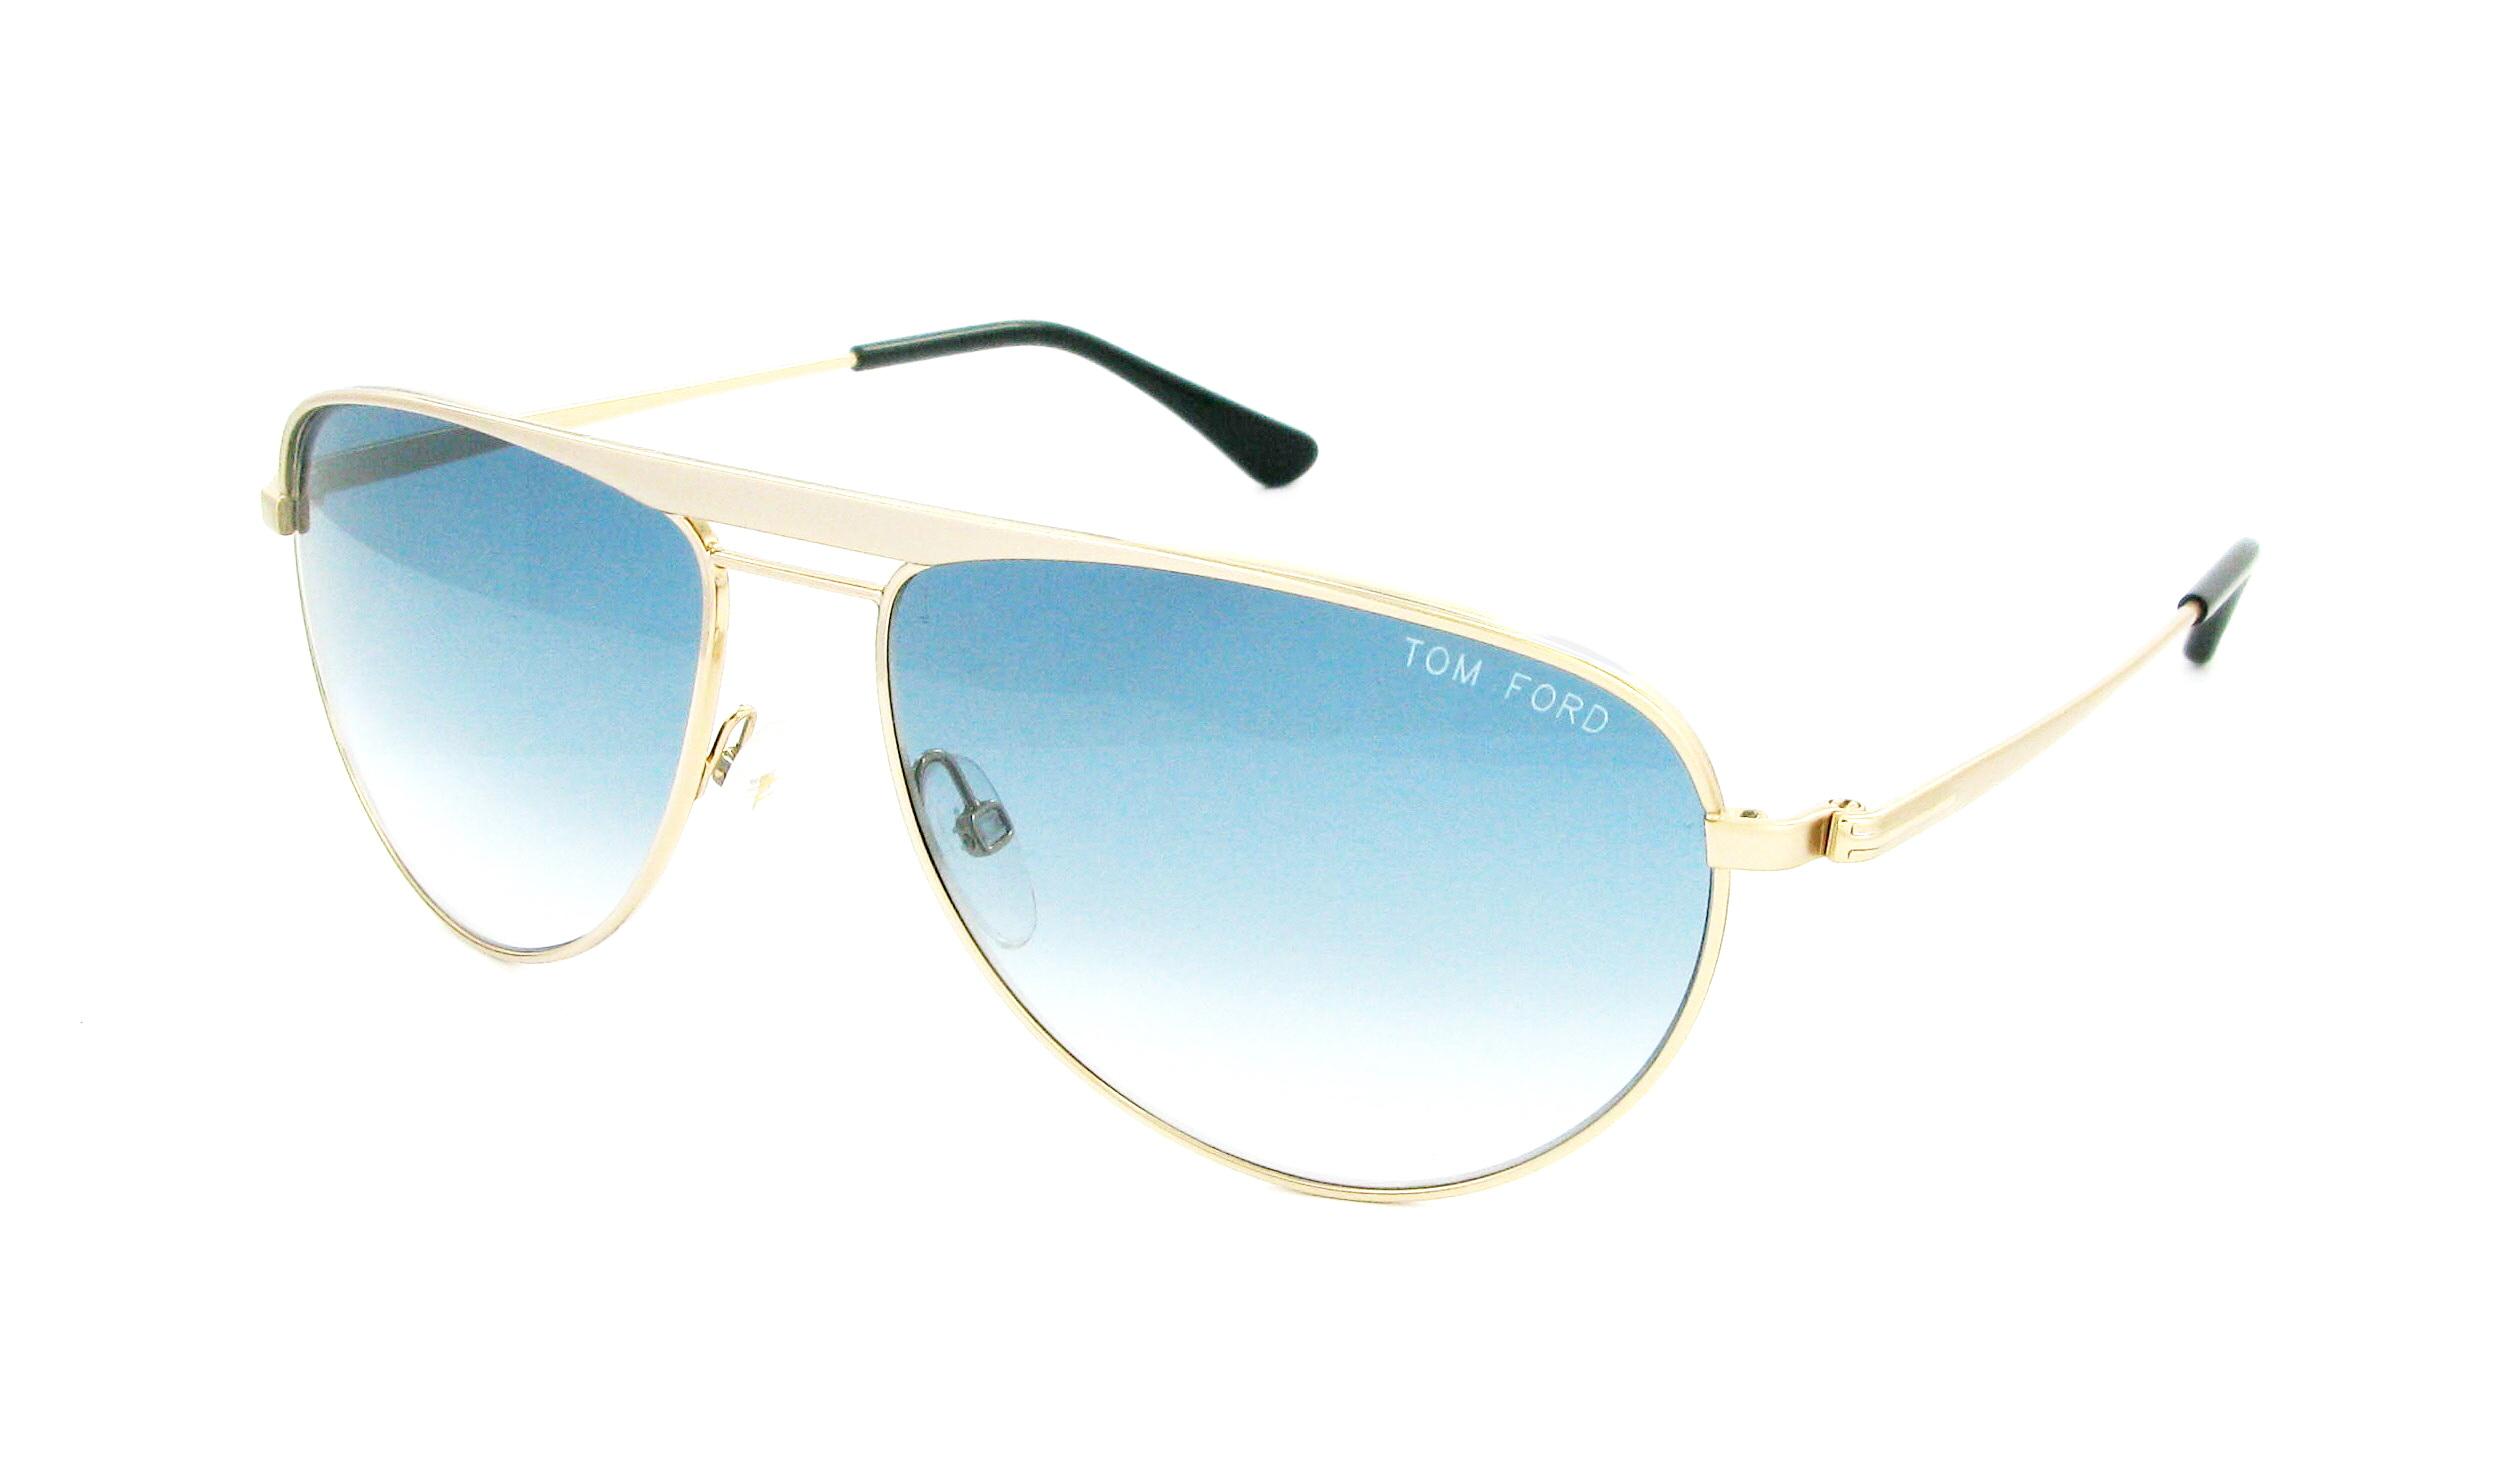 lunettes de soleil tom ford ft 0207 28w 59 15 homme dor aviator cercl e fashion 59mmx15mm 253. Black Bedroom Furniture Sets. Home Design Ideas